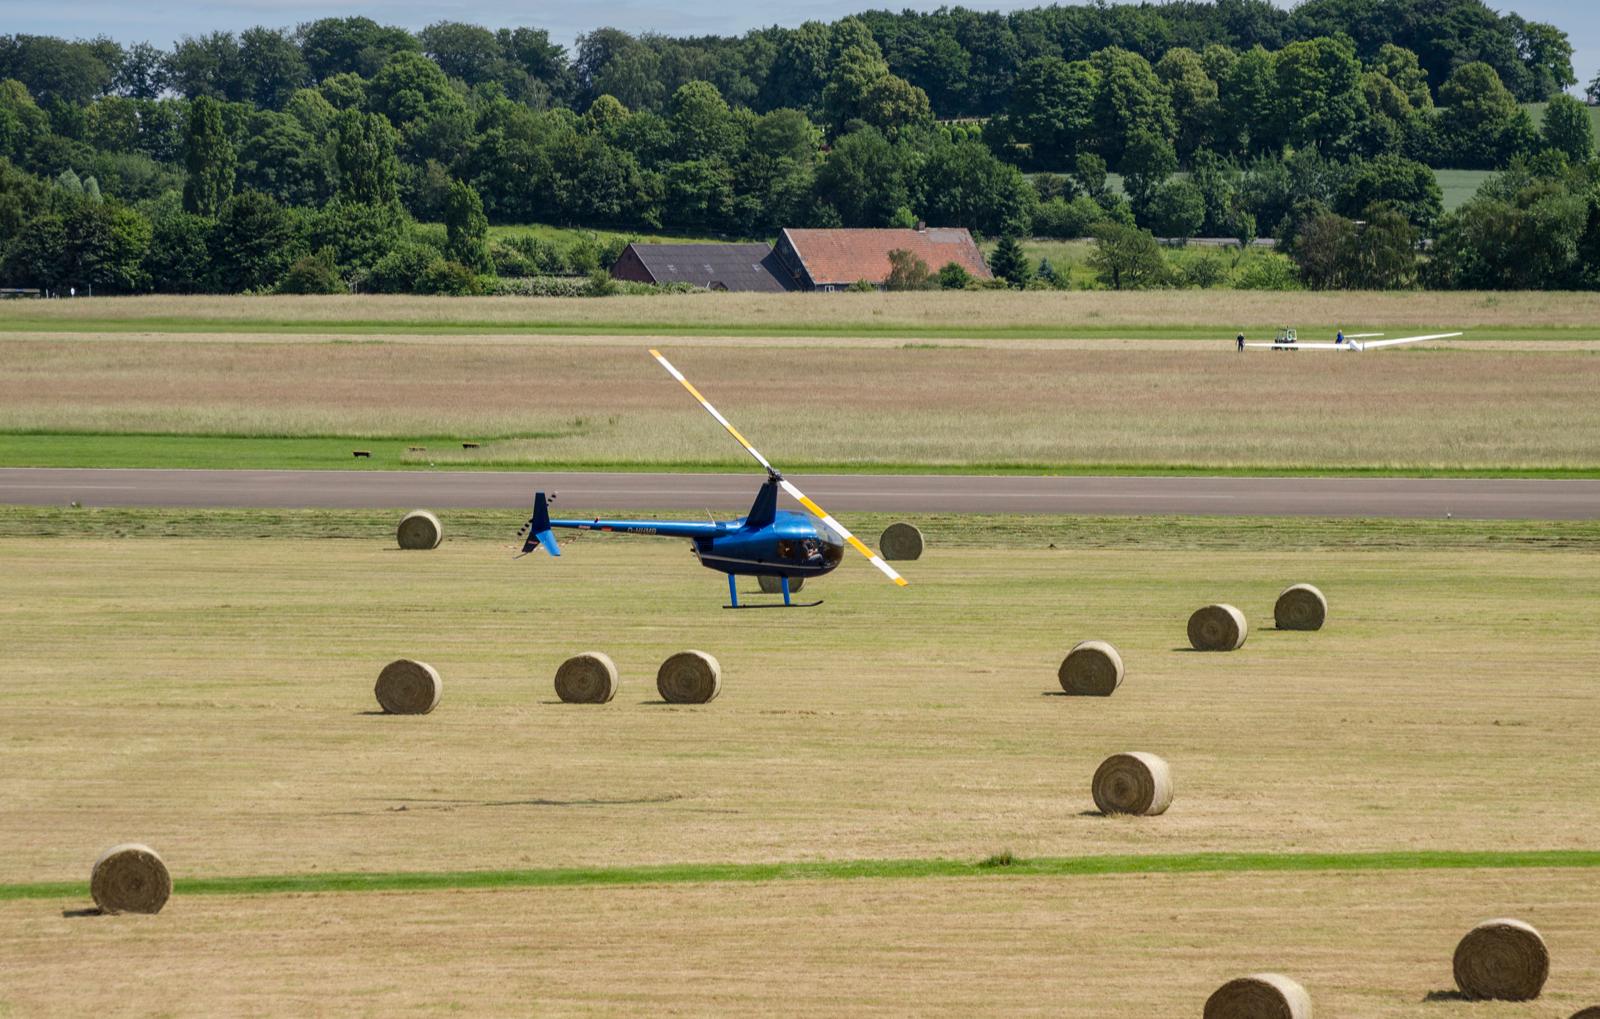 hubschrauber-rundflug-grosspoesna-bg4